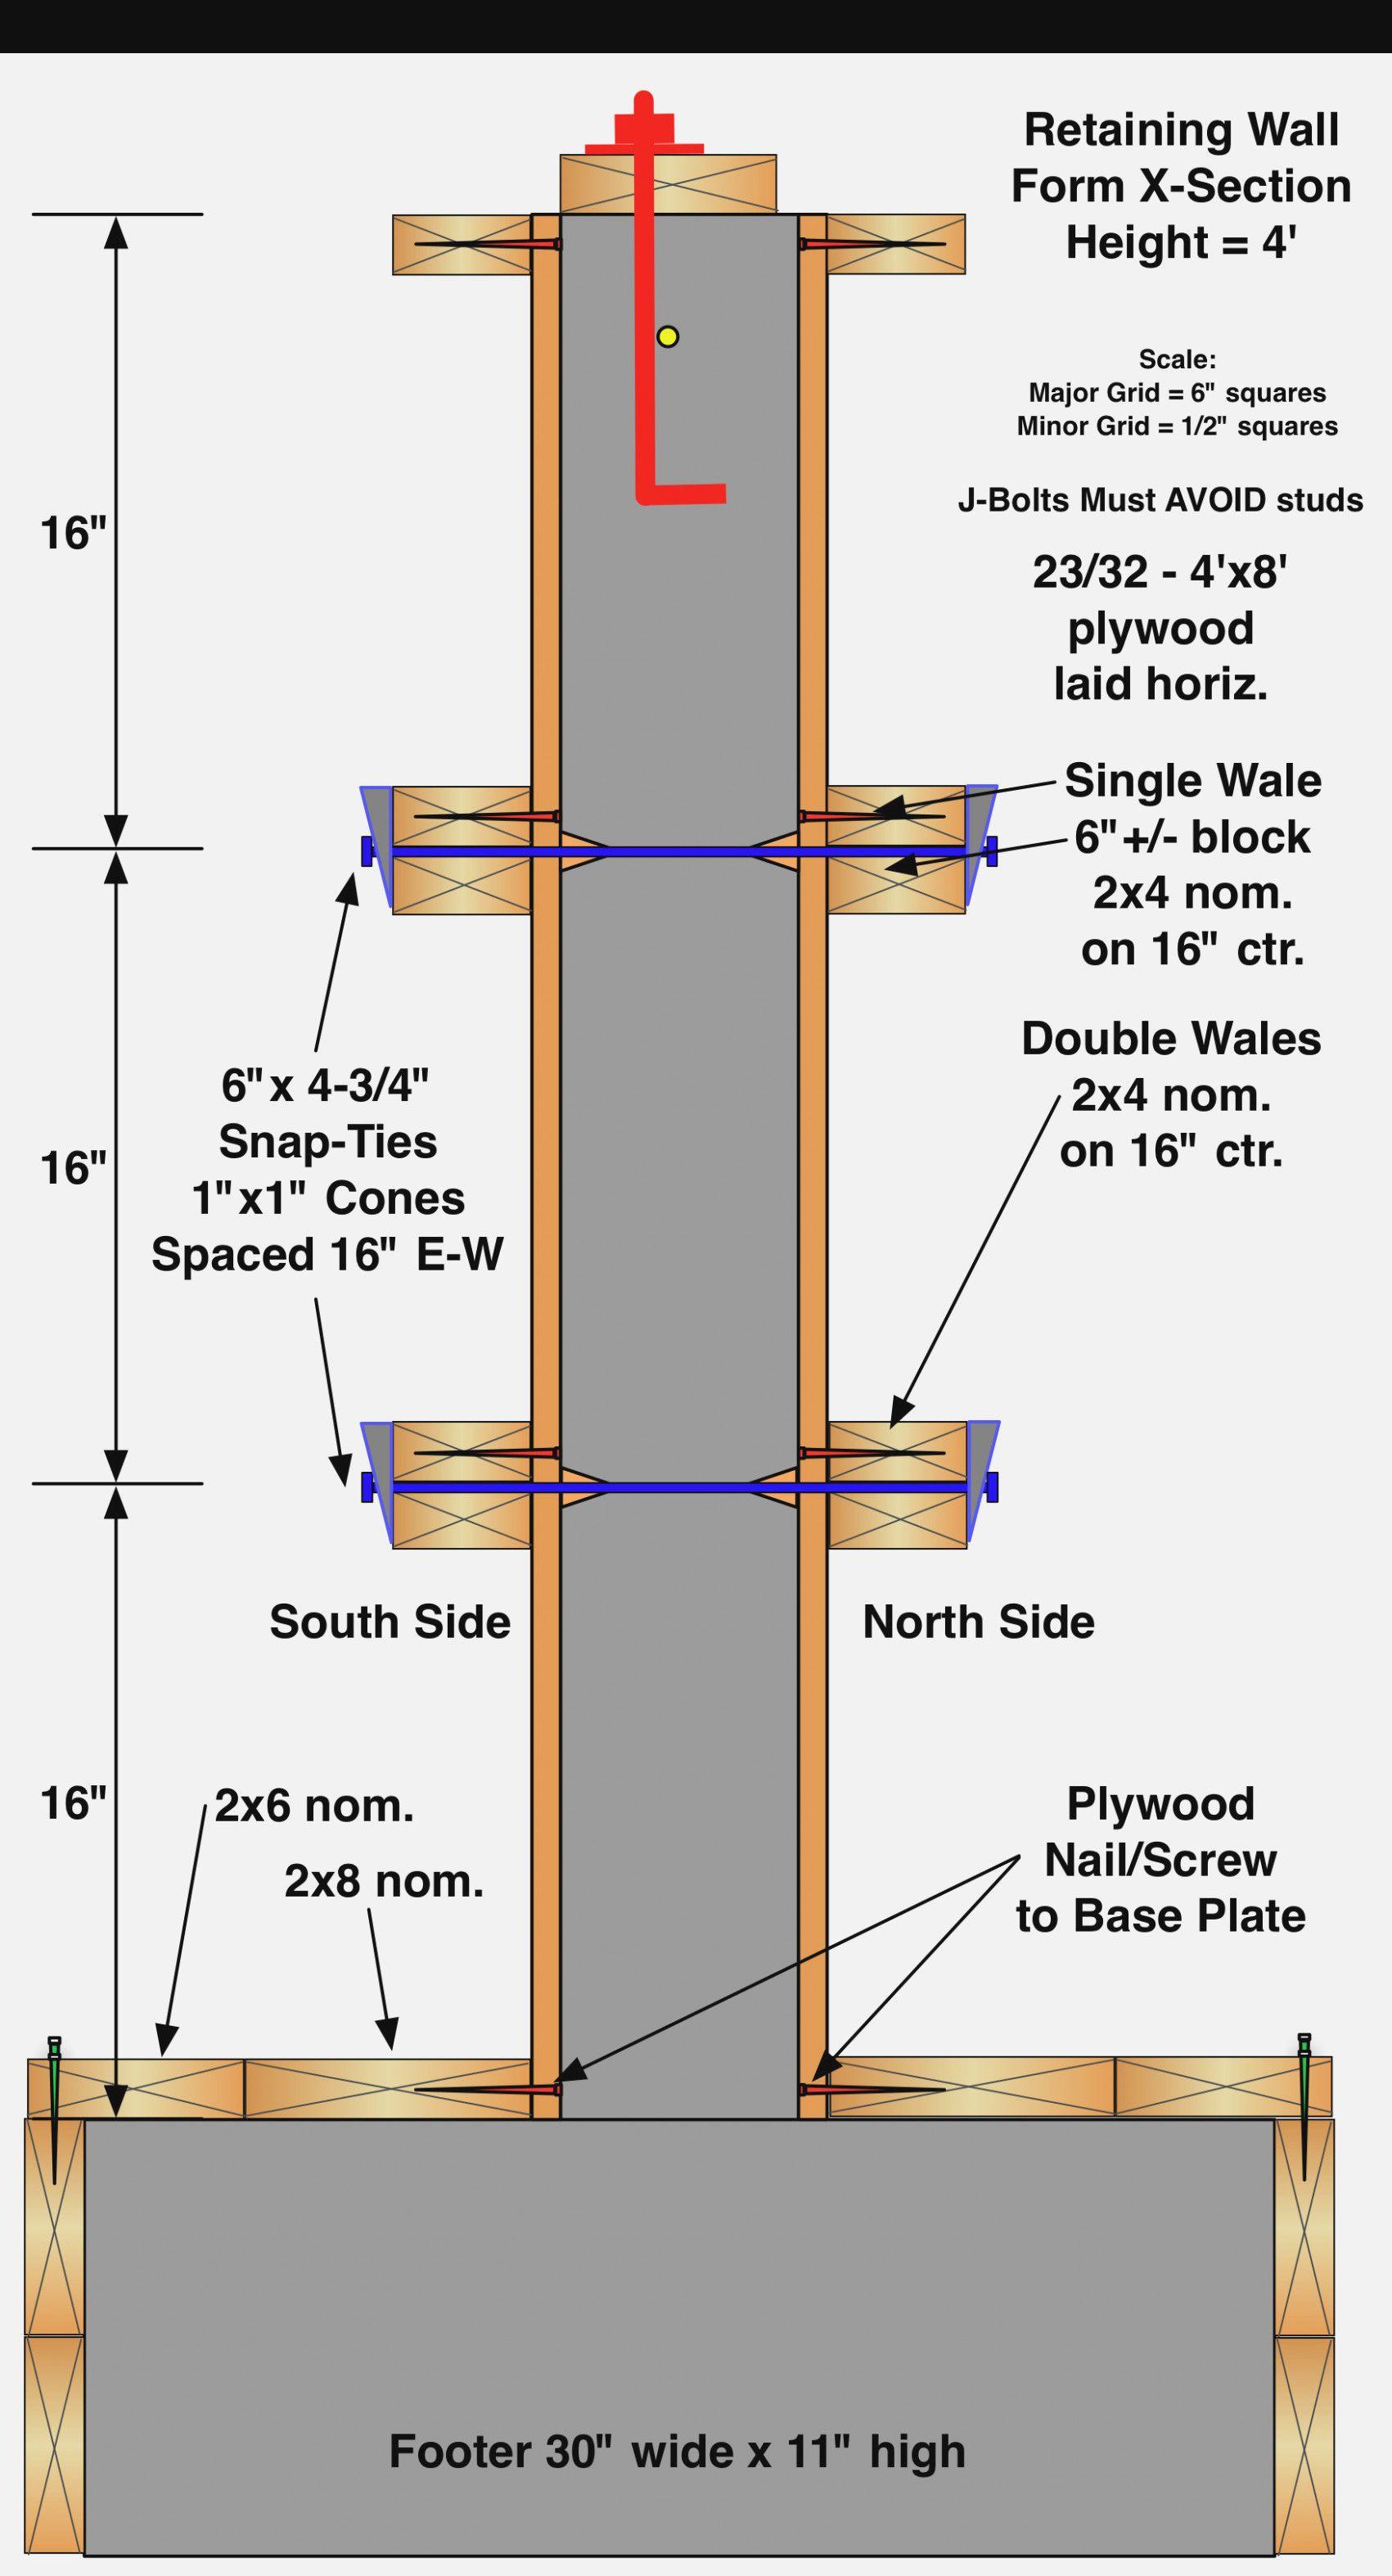 Spider Tie Concrete House Plans Concrete Wall Form Ties Olalaopx Concrete Formwork Concrete Wall Concrete Block Walls